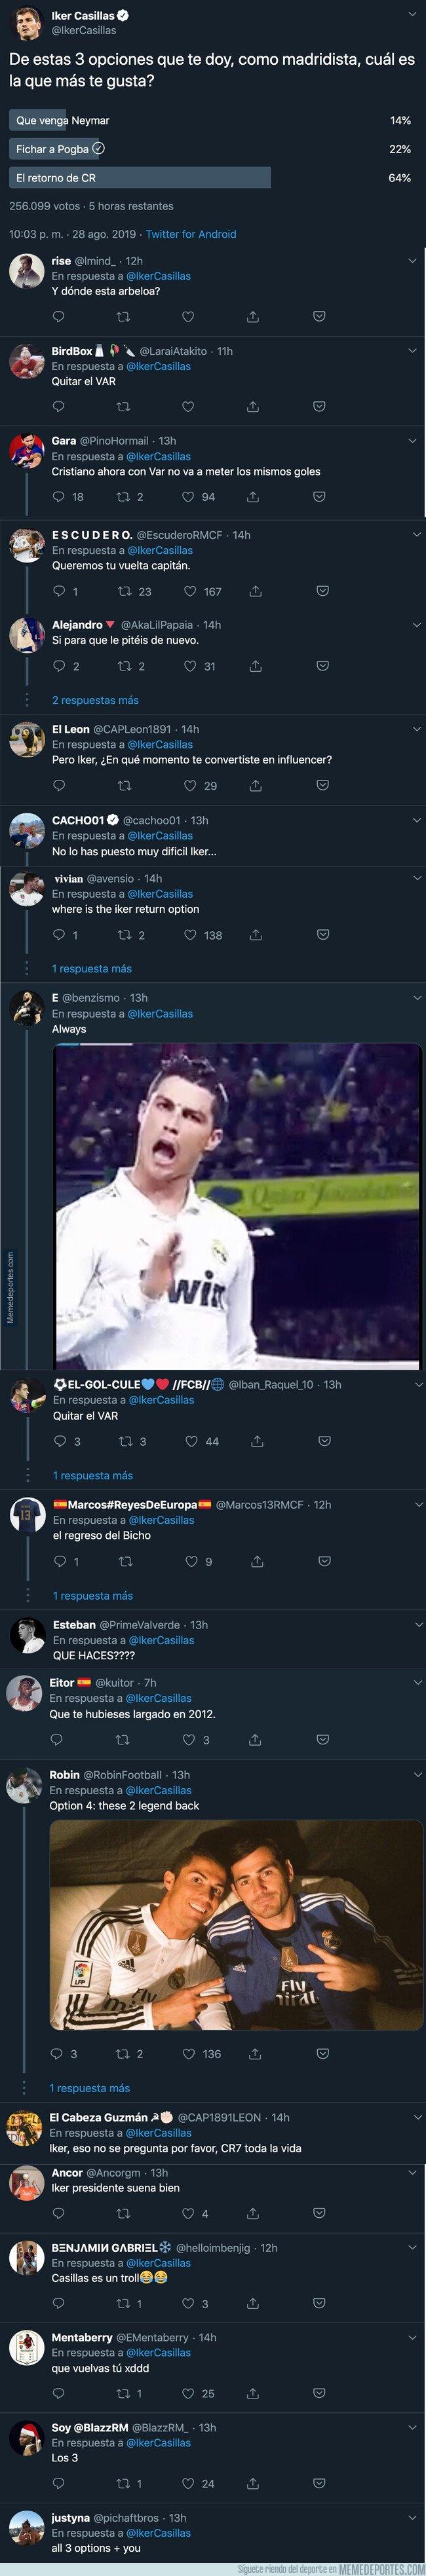 1084450 - Iker Casillas hace una pregunta en Twitter con 3 respuestas y el madridismo responde de forma unánime